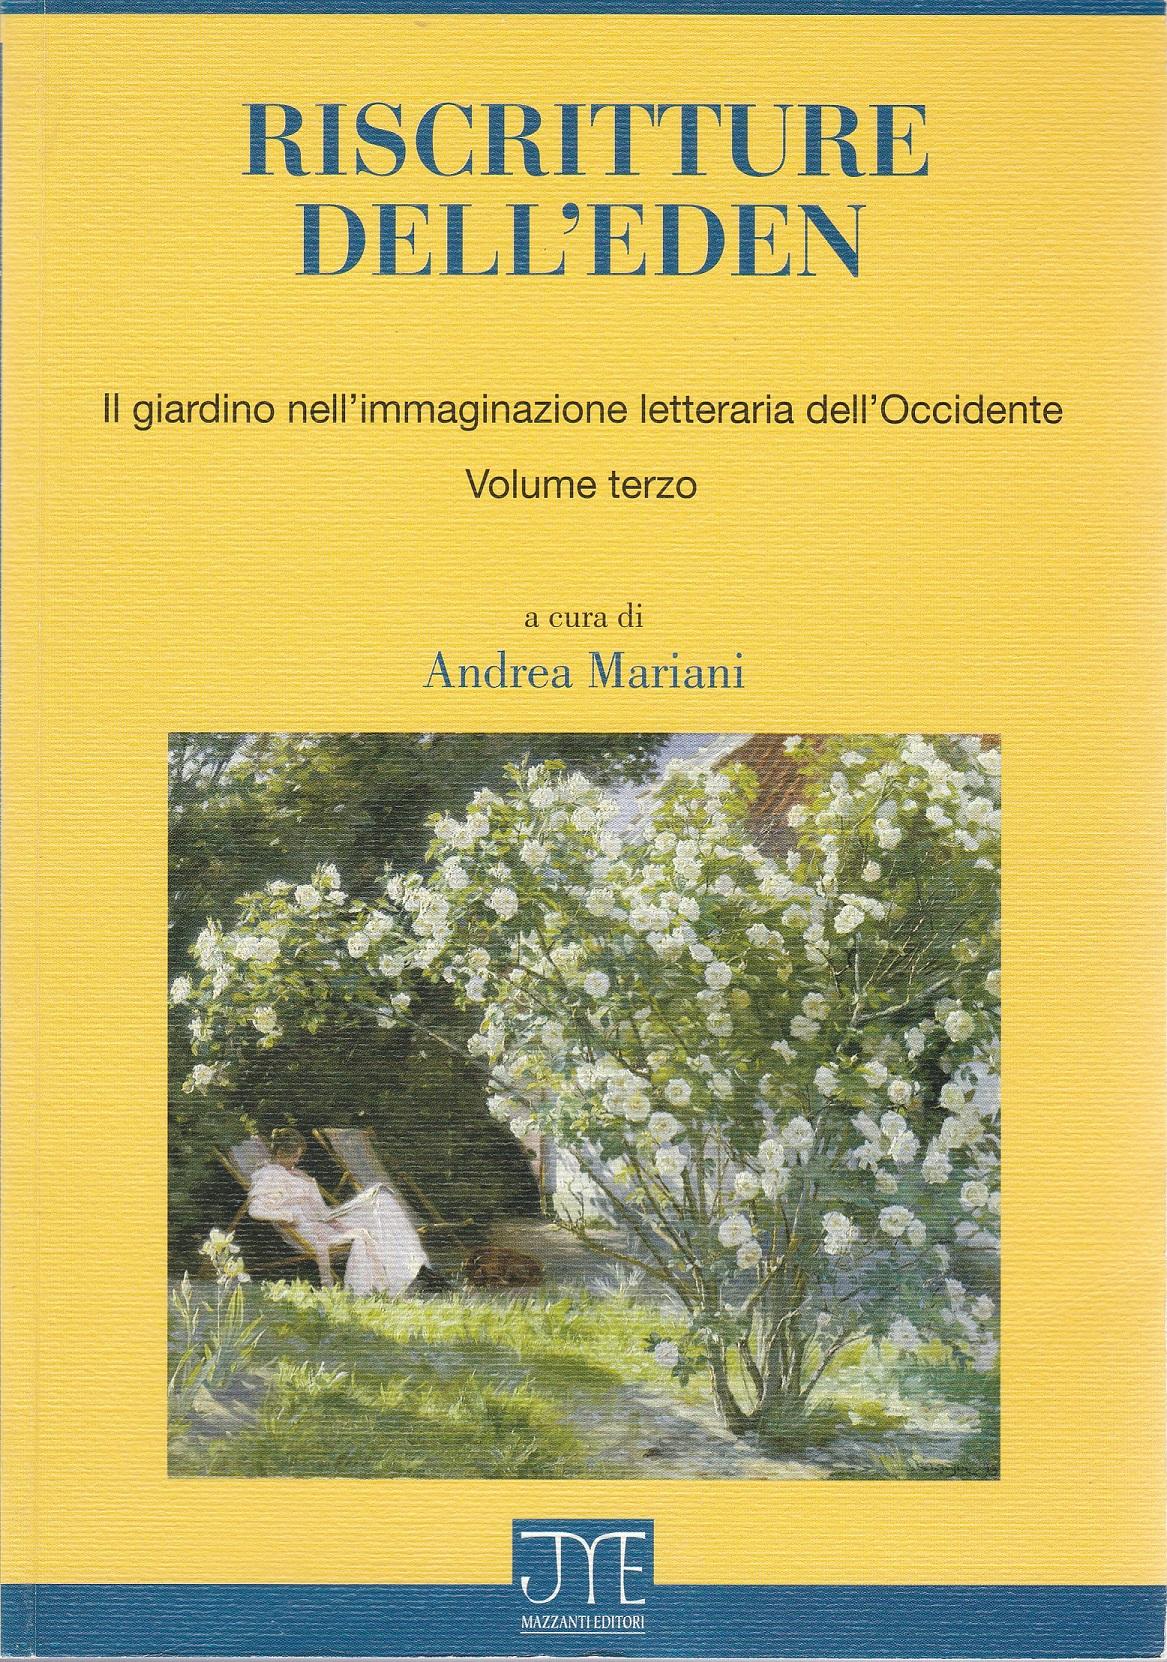 Riscritture dell'Eden - Vol. 3